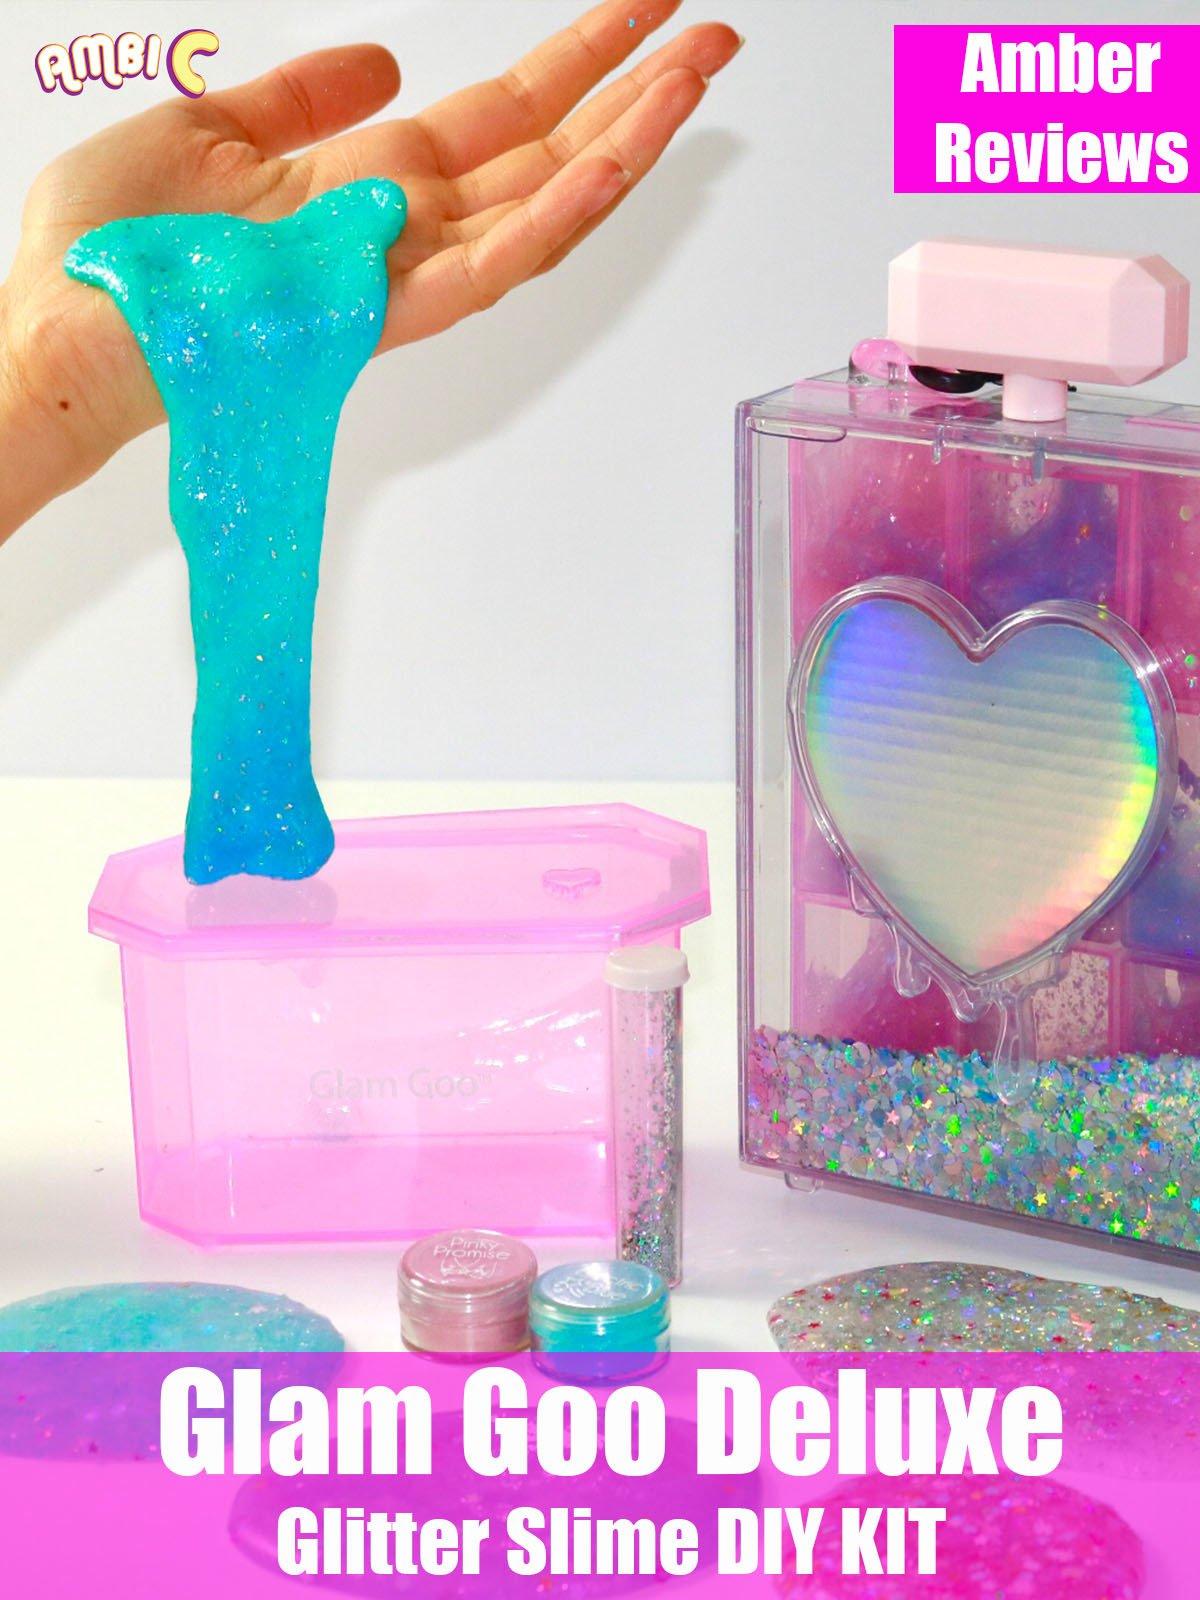 Amber Reviews Glam Goo Deluxe Glitter Slime DIY Kit